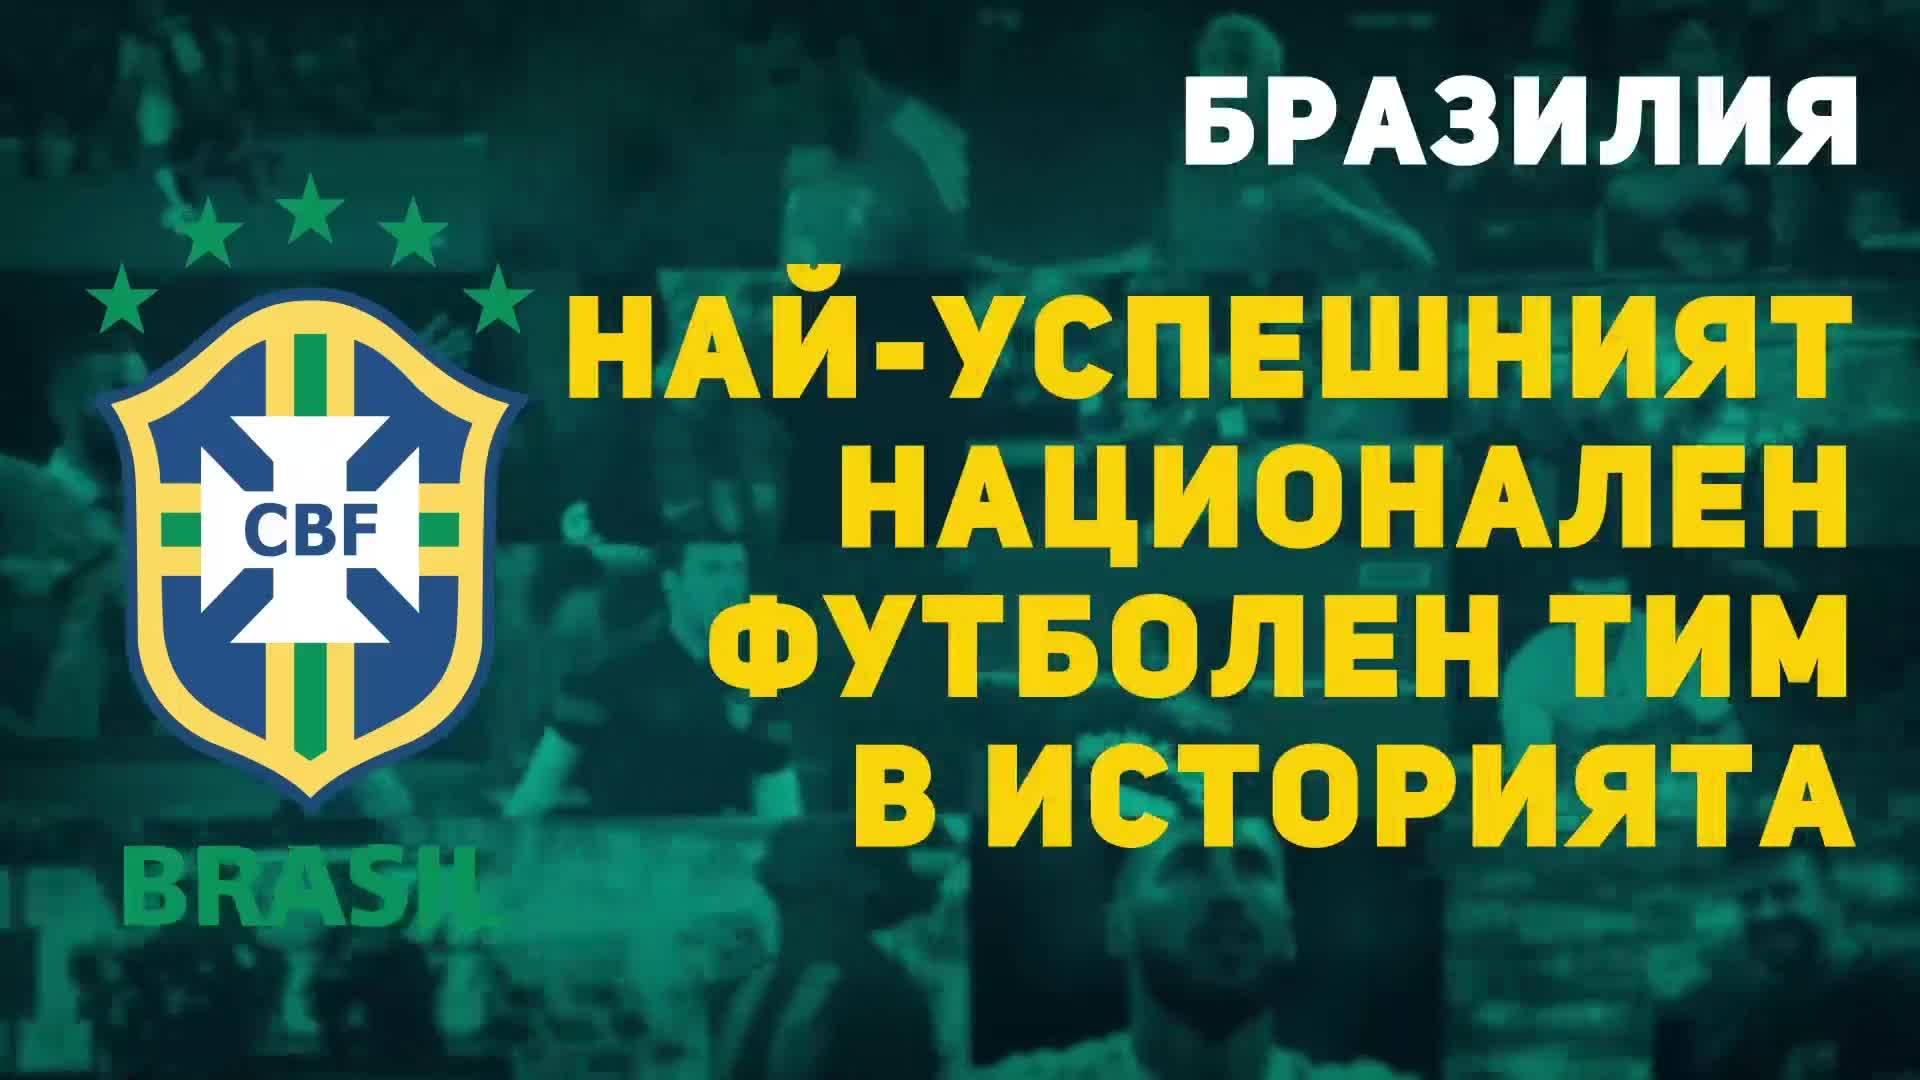 Бразилия - най-успешният национален футболен тим в историята